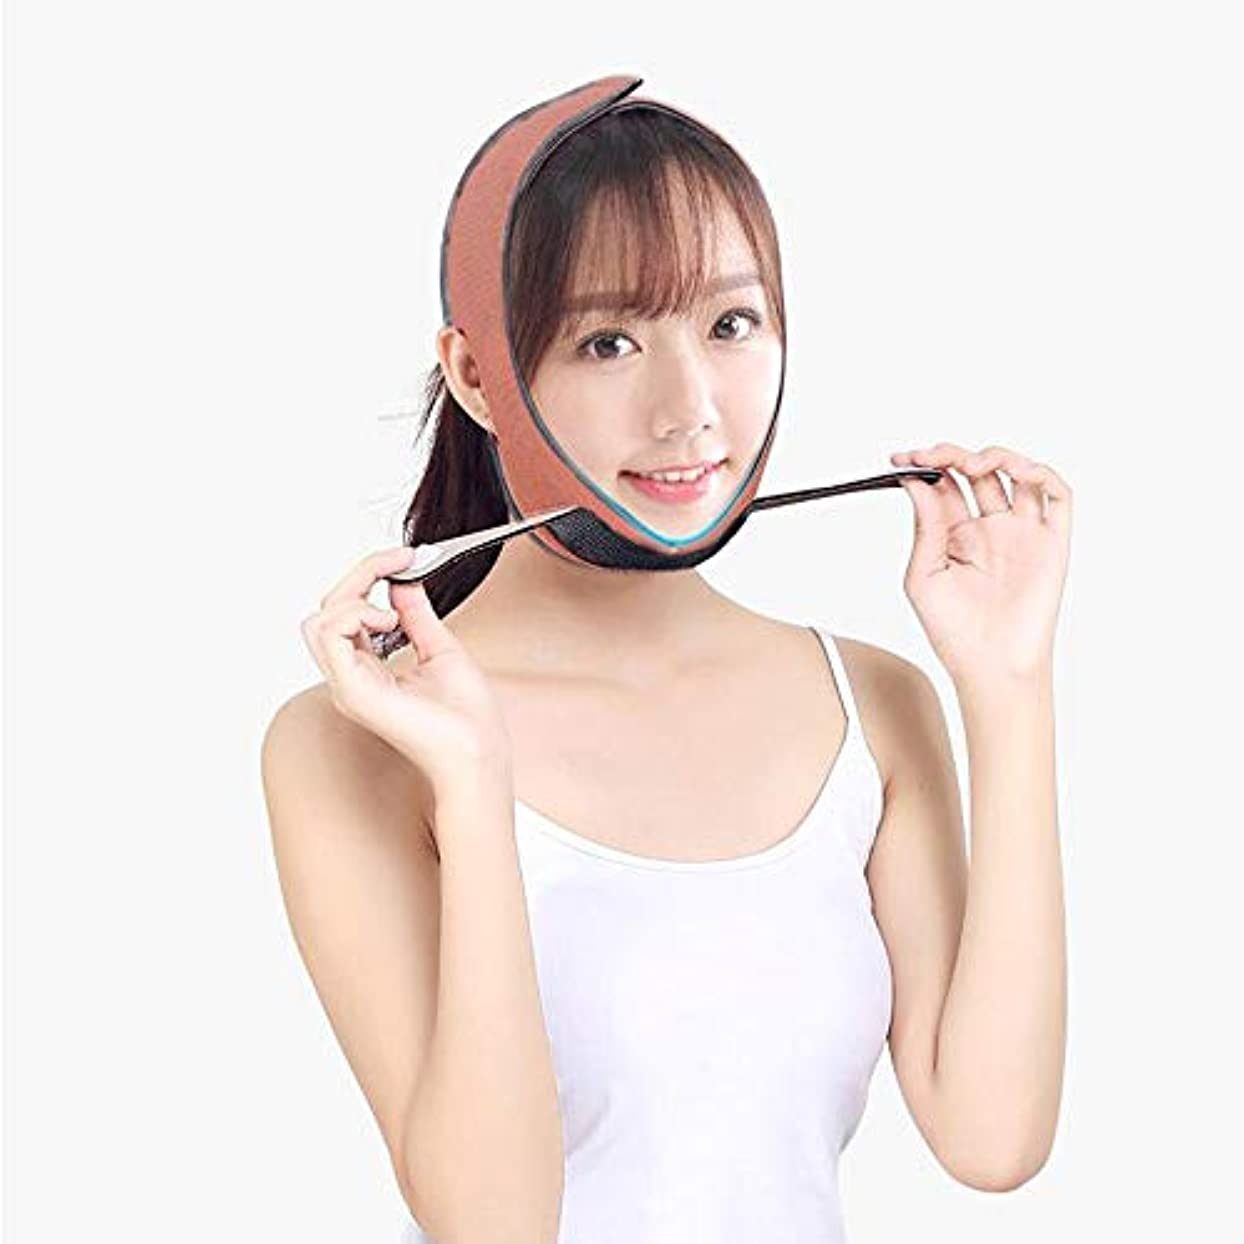 花冒険遺伝子GYZ フェイシャルリフティングスリミングベルト - 薄いフェイス包帯Vフェイス包帯マスクフェイシャルマッサージャー無料整形マスク顔と首の顔を引き締めますスリム Thin Face Belt